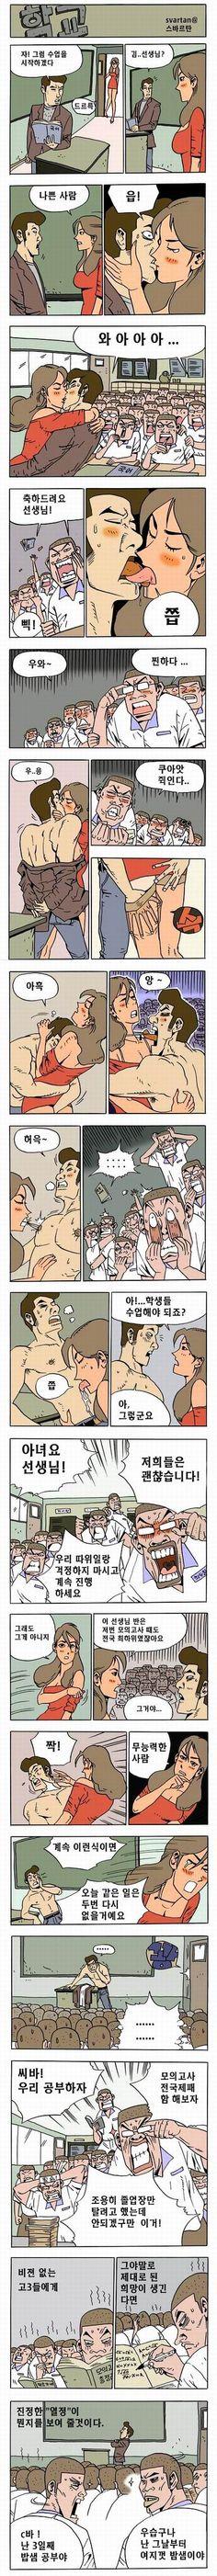 고3 모의고사 전국제패!! 동기부여는 무한의 힘을 발휘한다!!